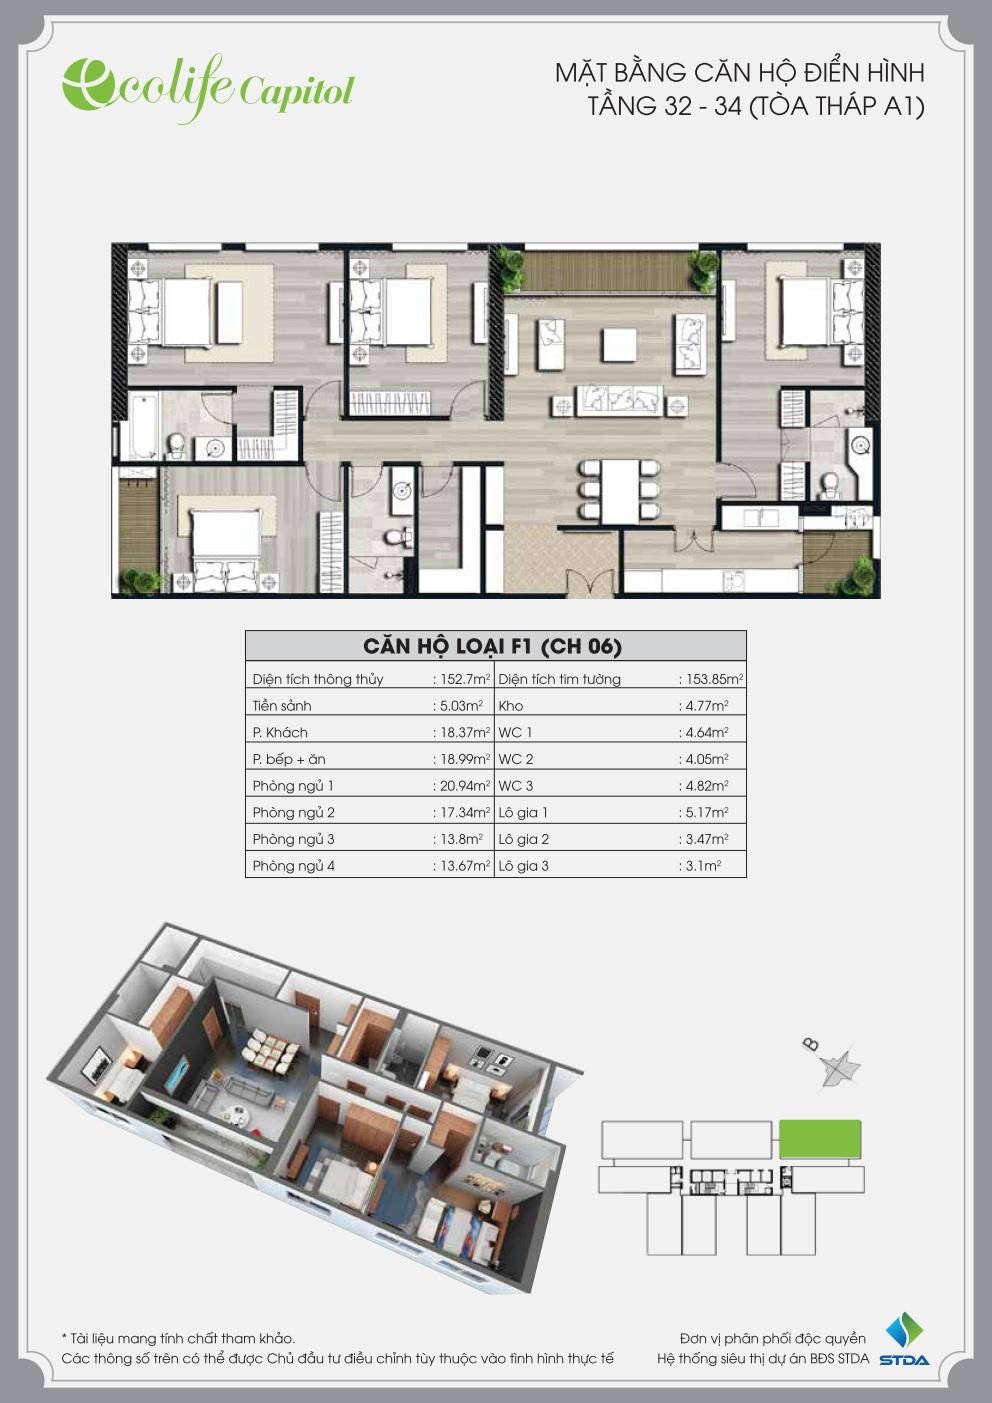 Thiết kế mặt bằng căn hộ F1 (CH 06)